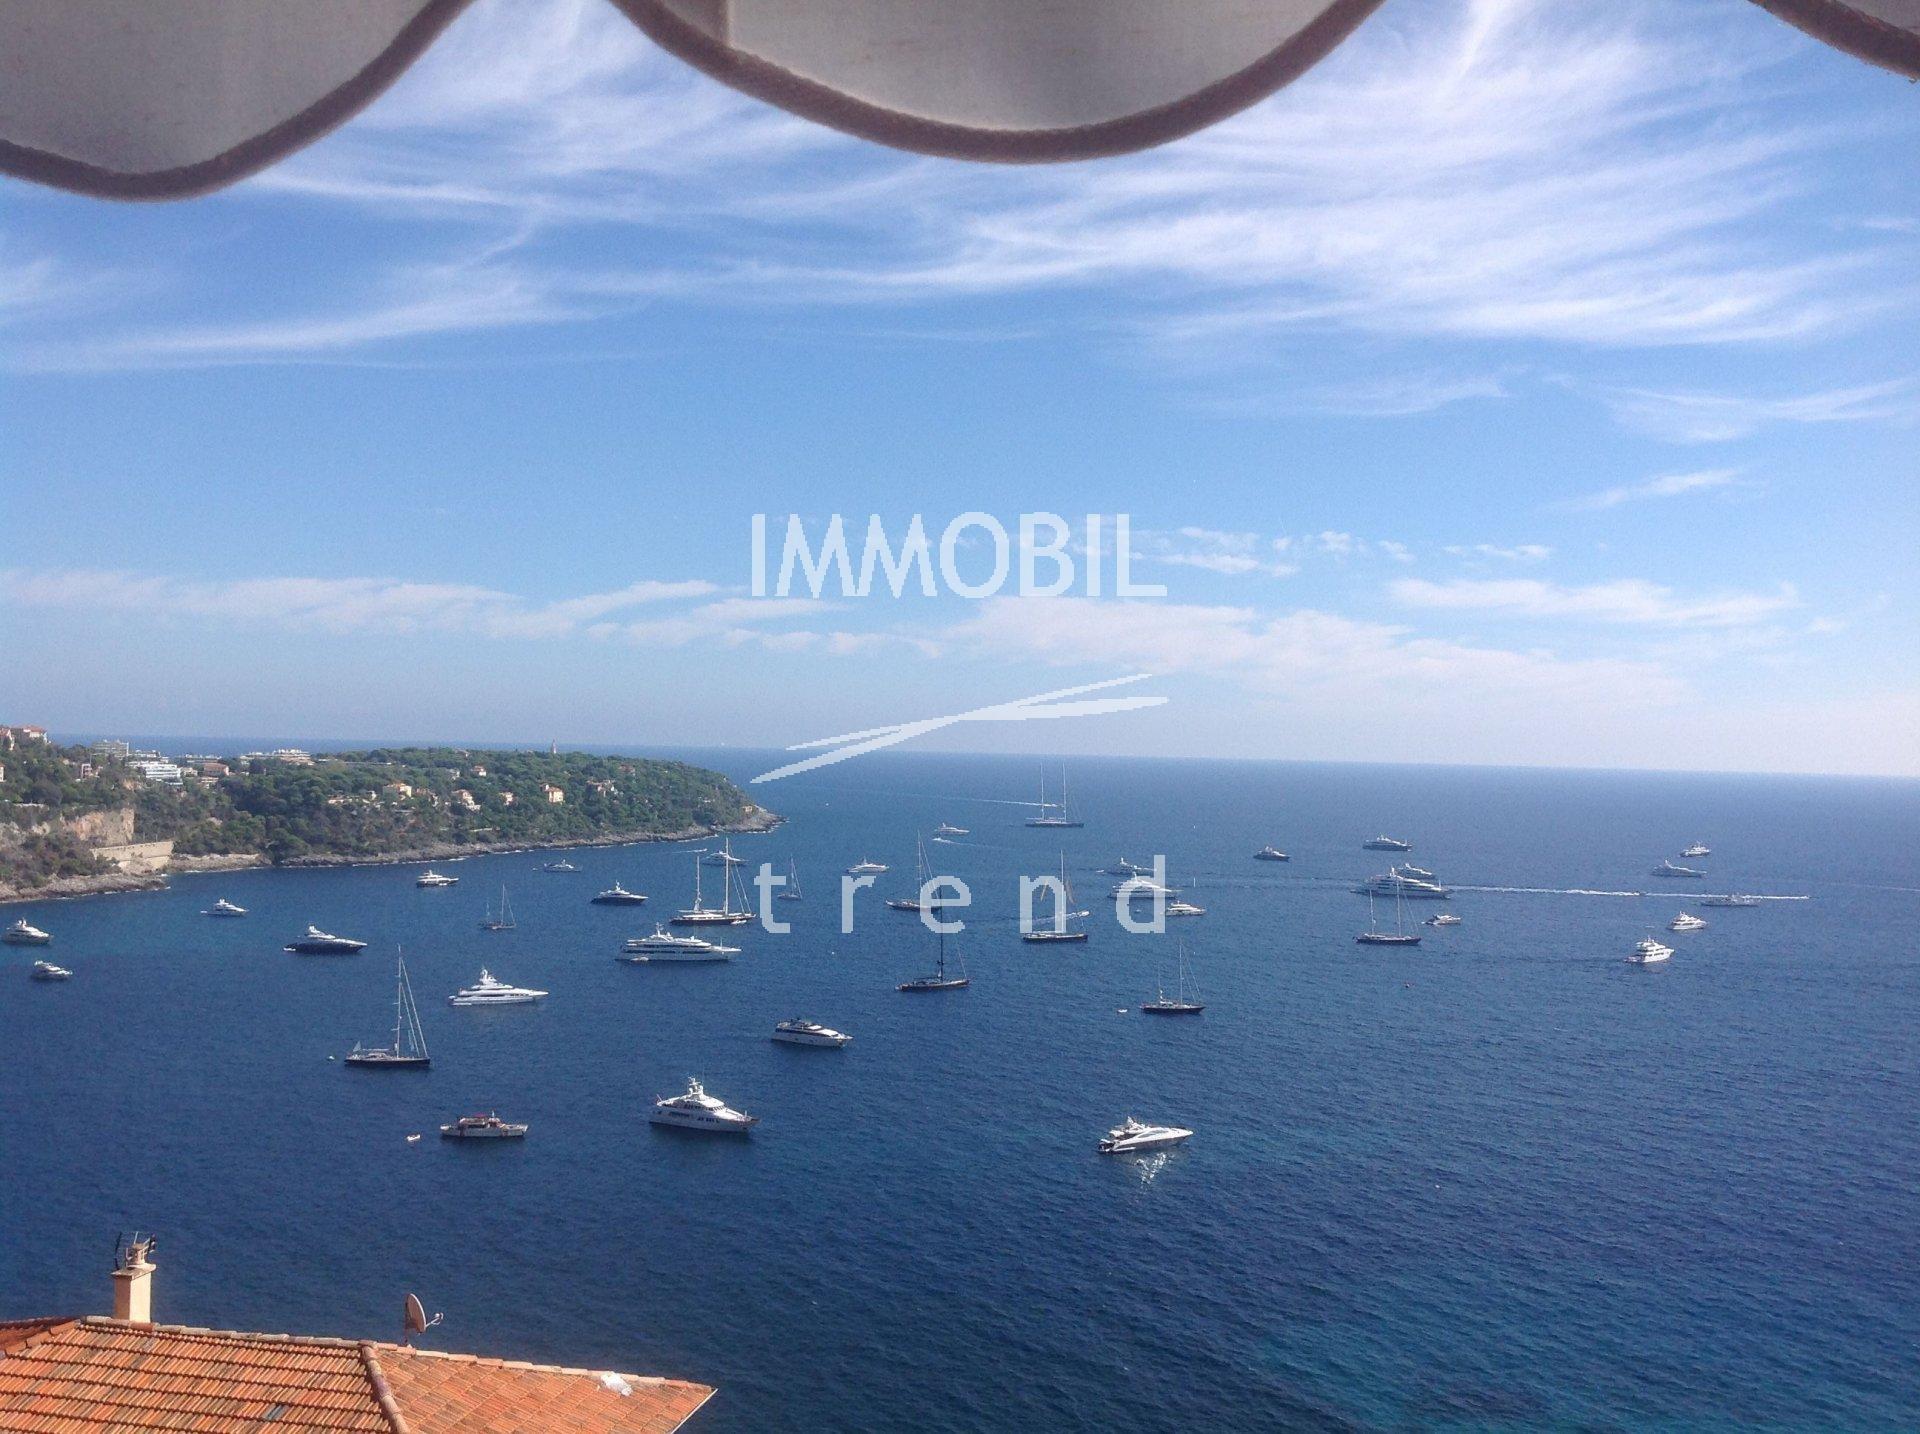 ESCLUSIVA RCM GOLFE BLEU - bilocale vista mare panoramica e terrazza, in perfette condizioni